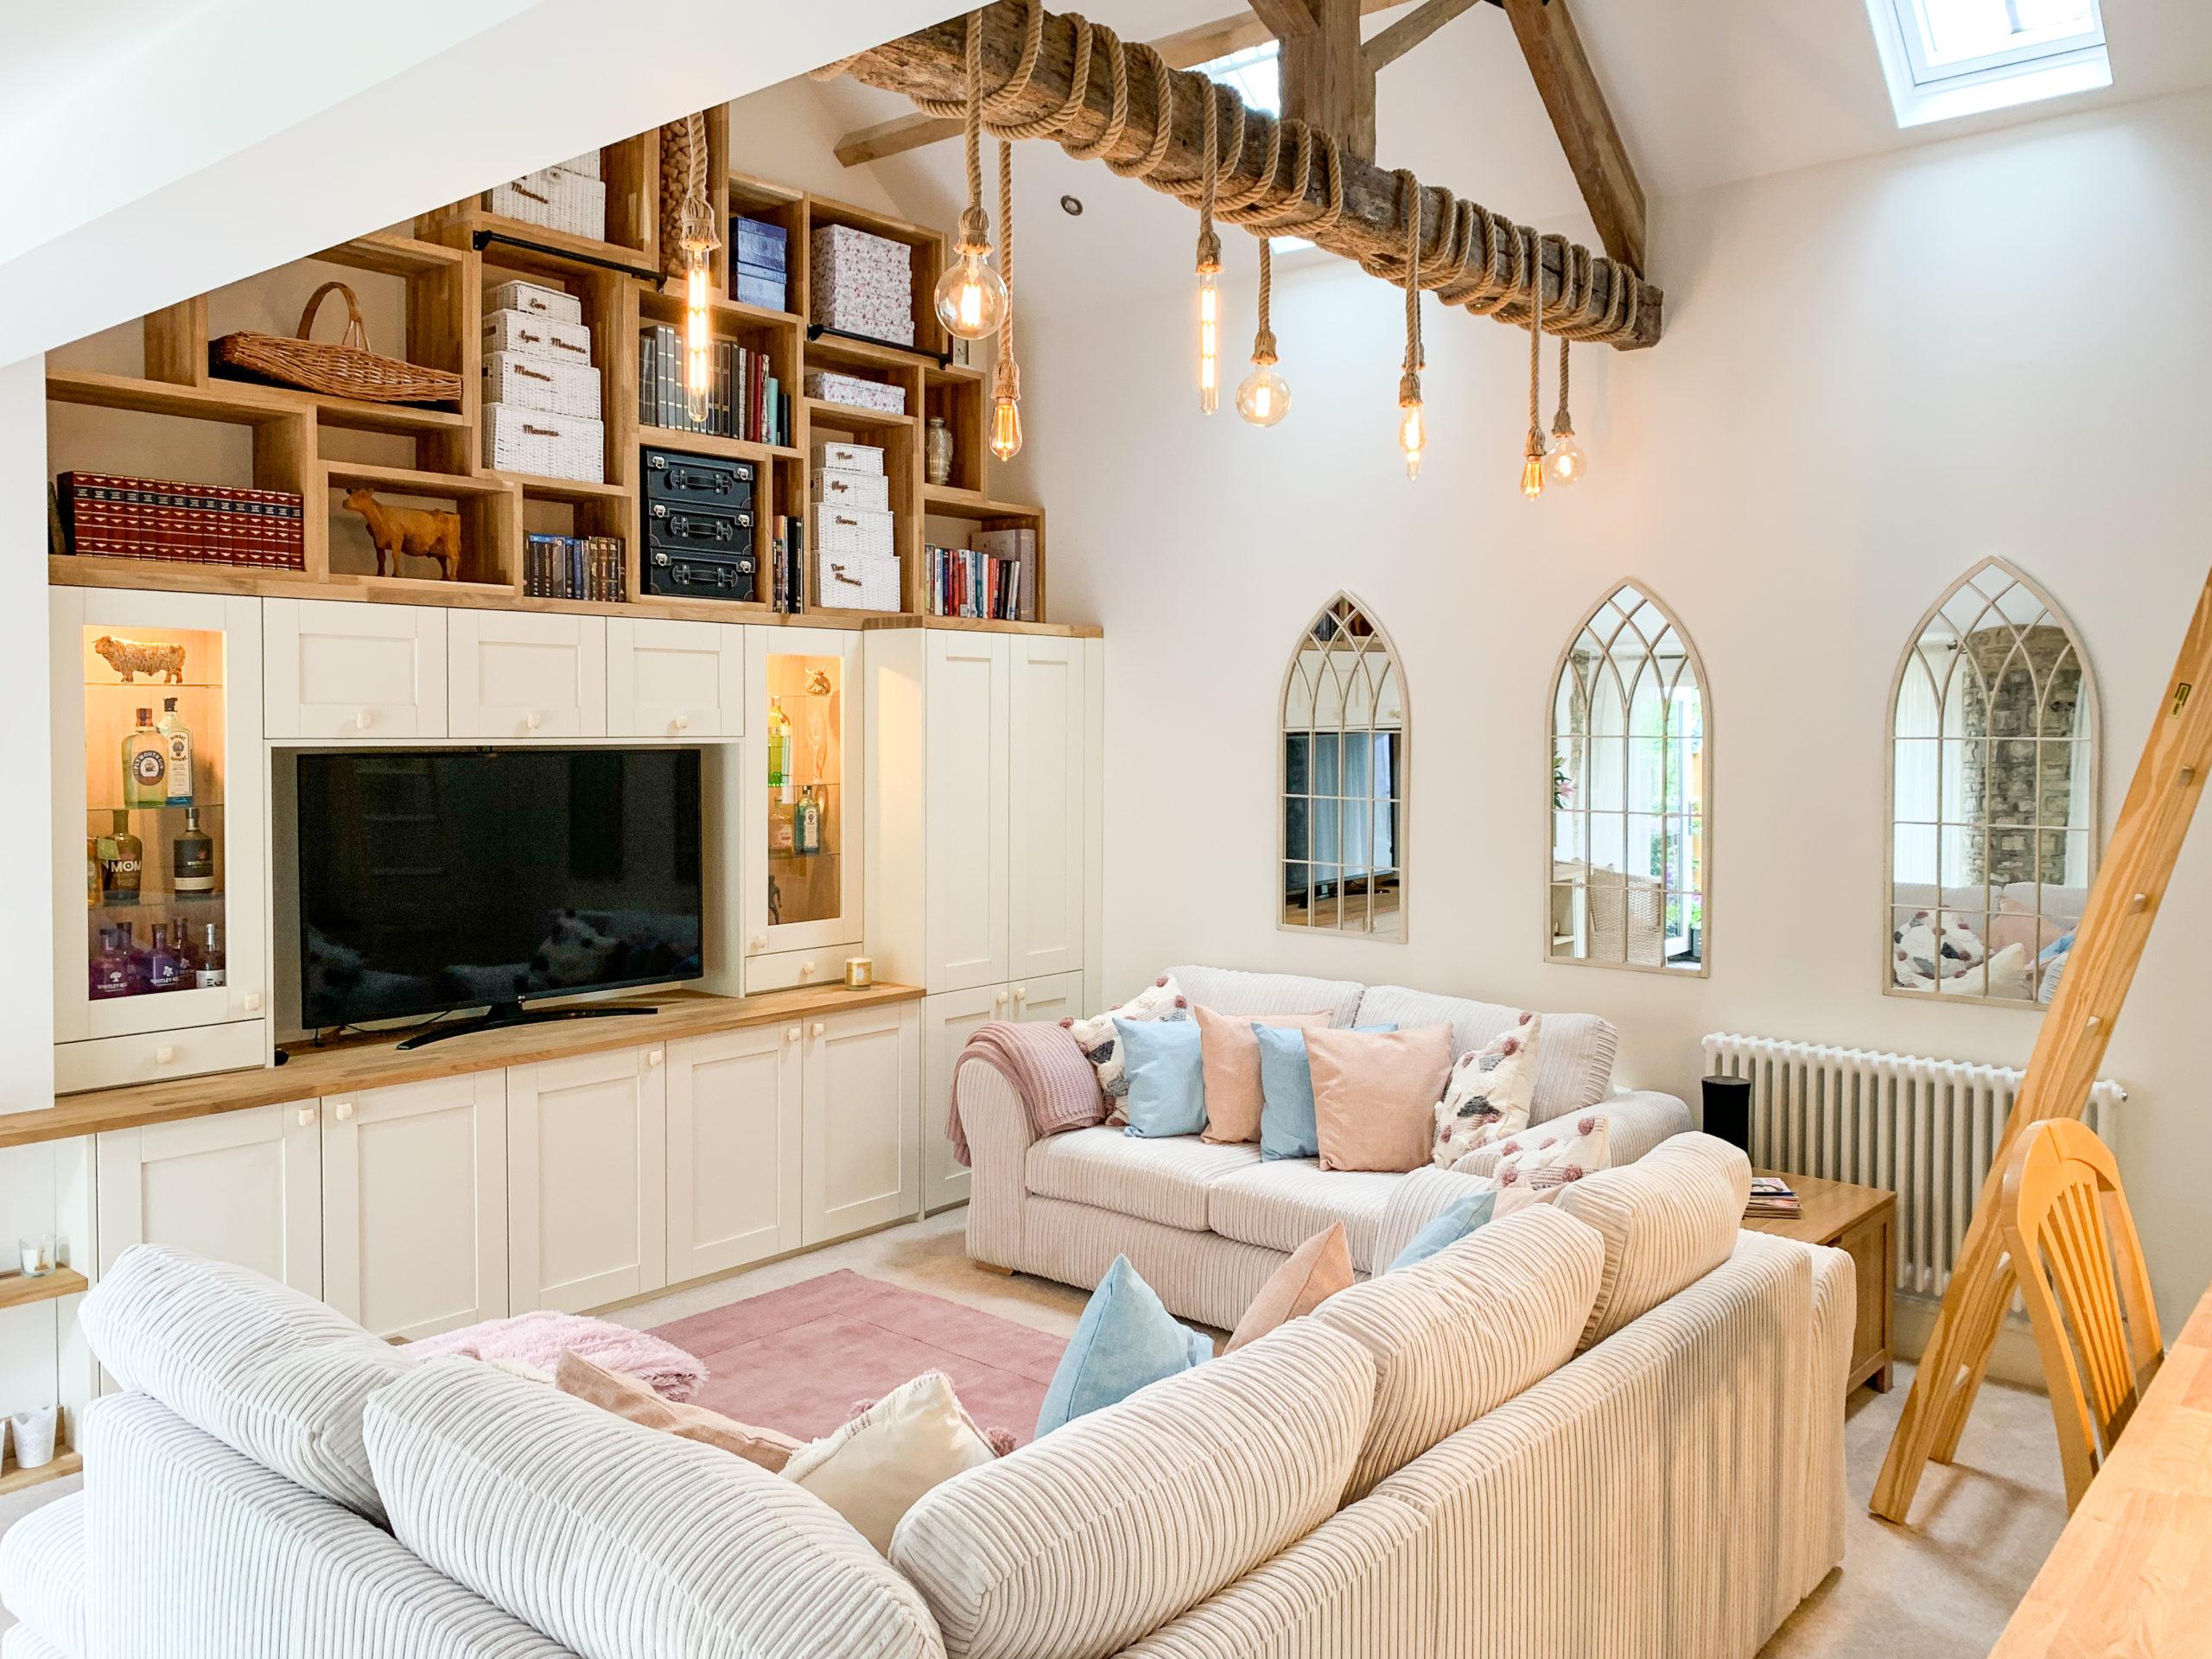 Beautiful barn conversion layout